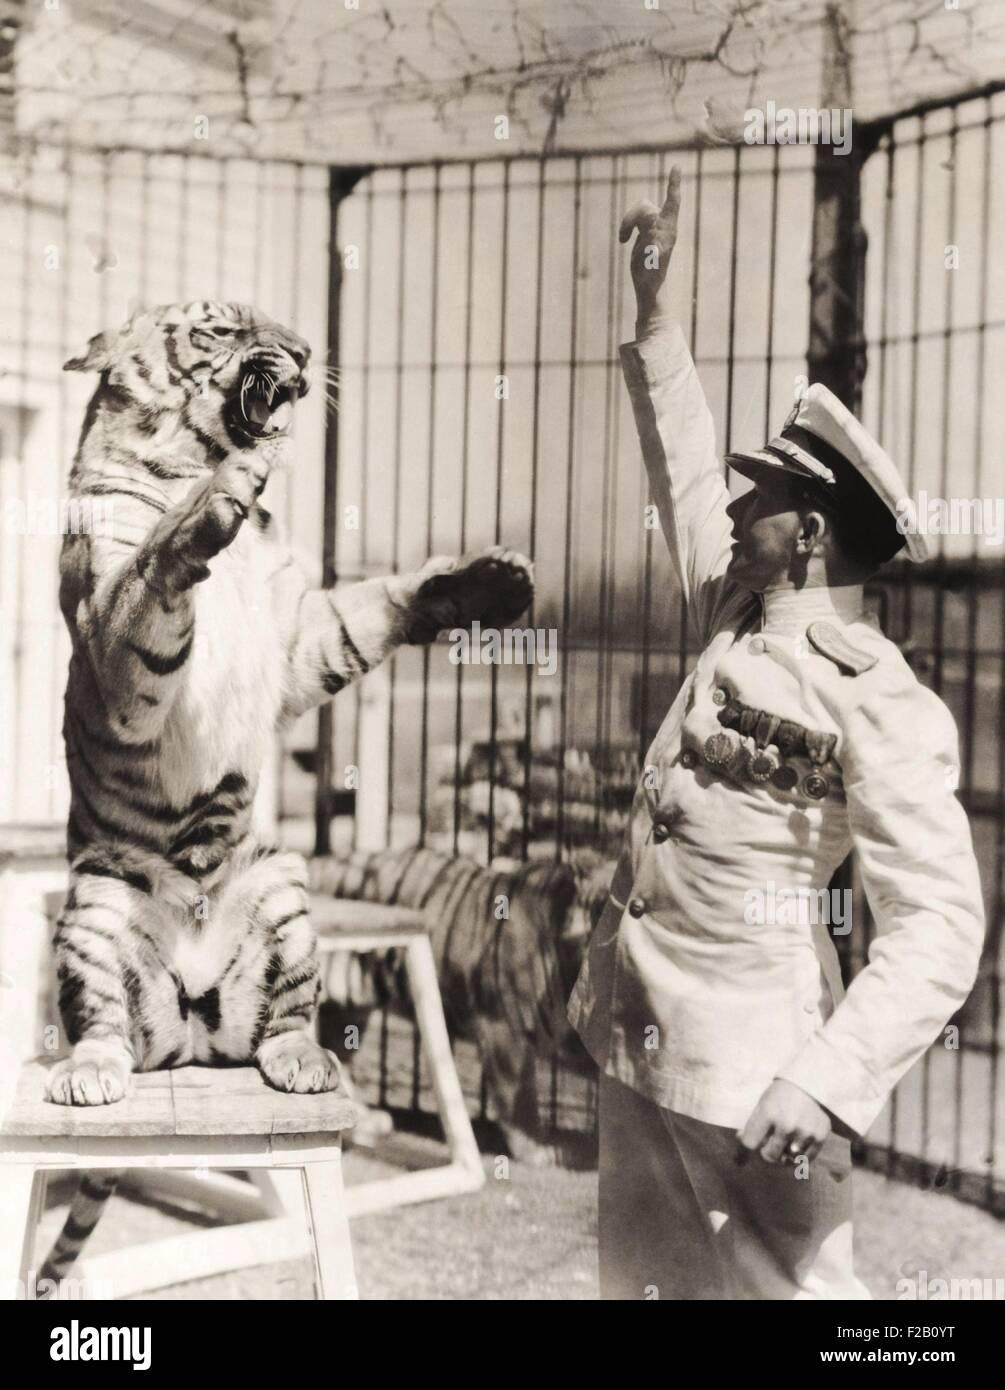 Le capitaine Proske romain, un entraîneur des animaux né à Vienne en 1898. À l'âge Photo Stock